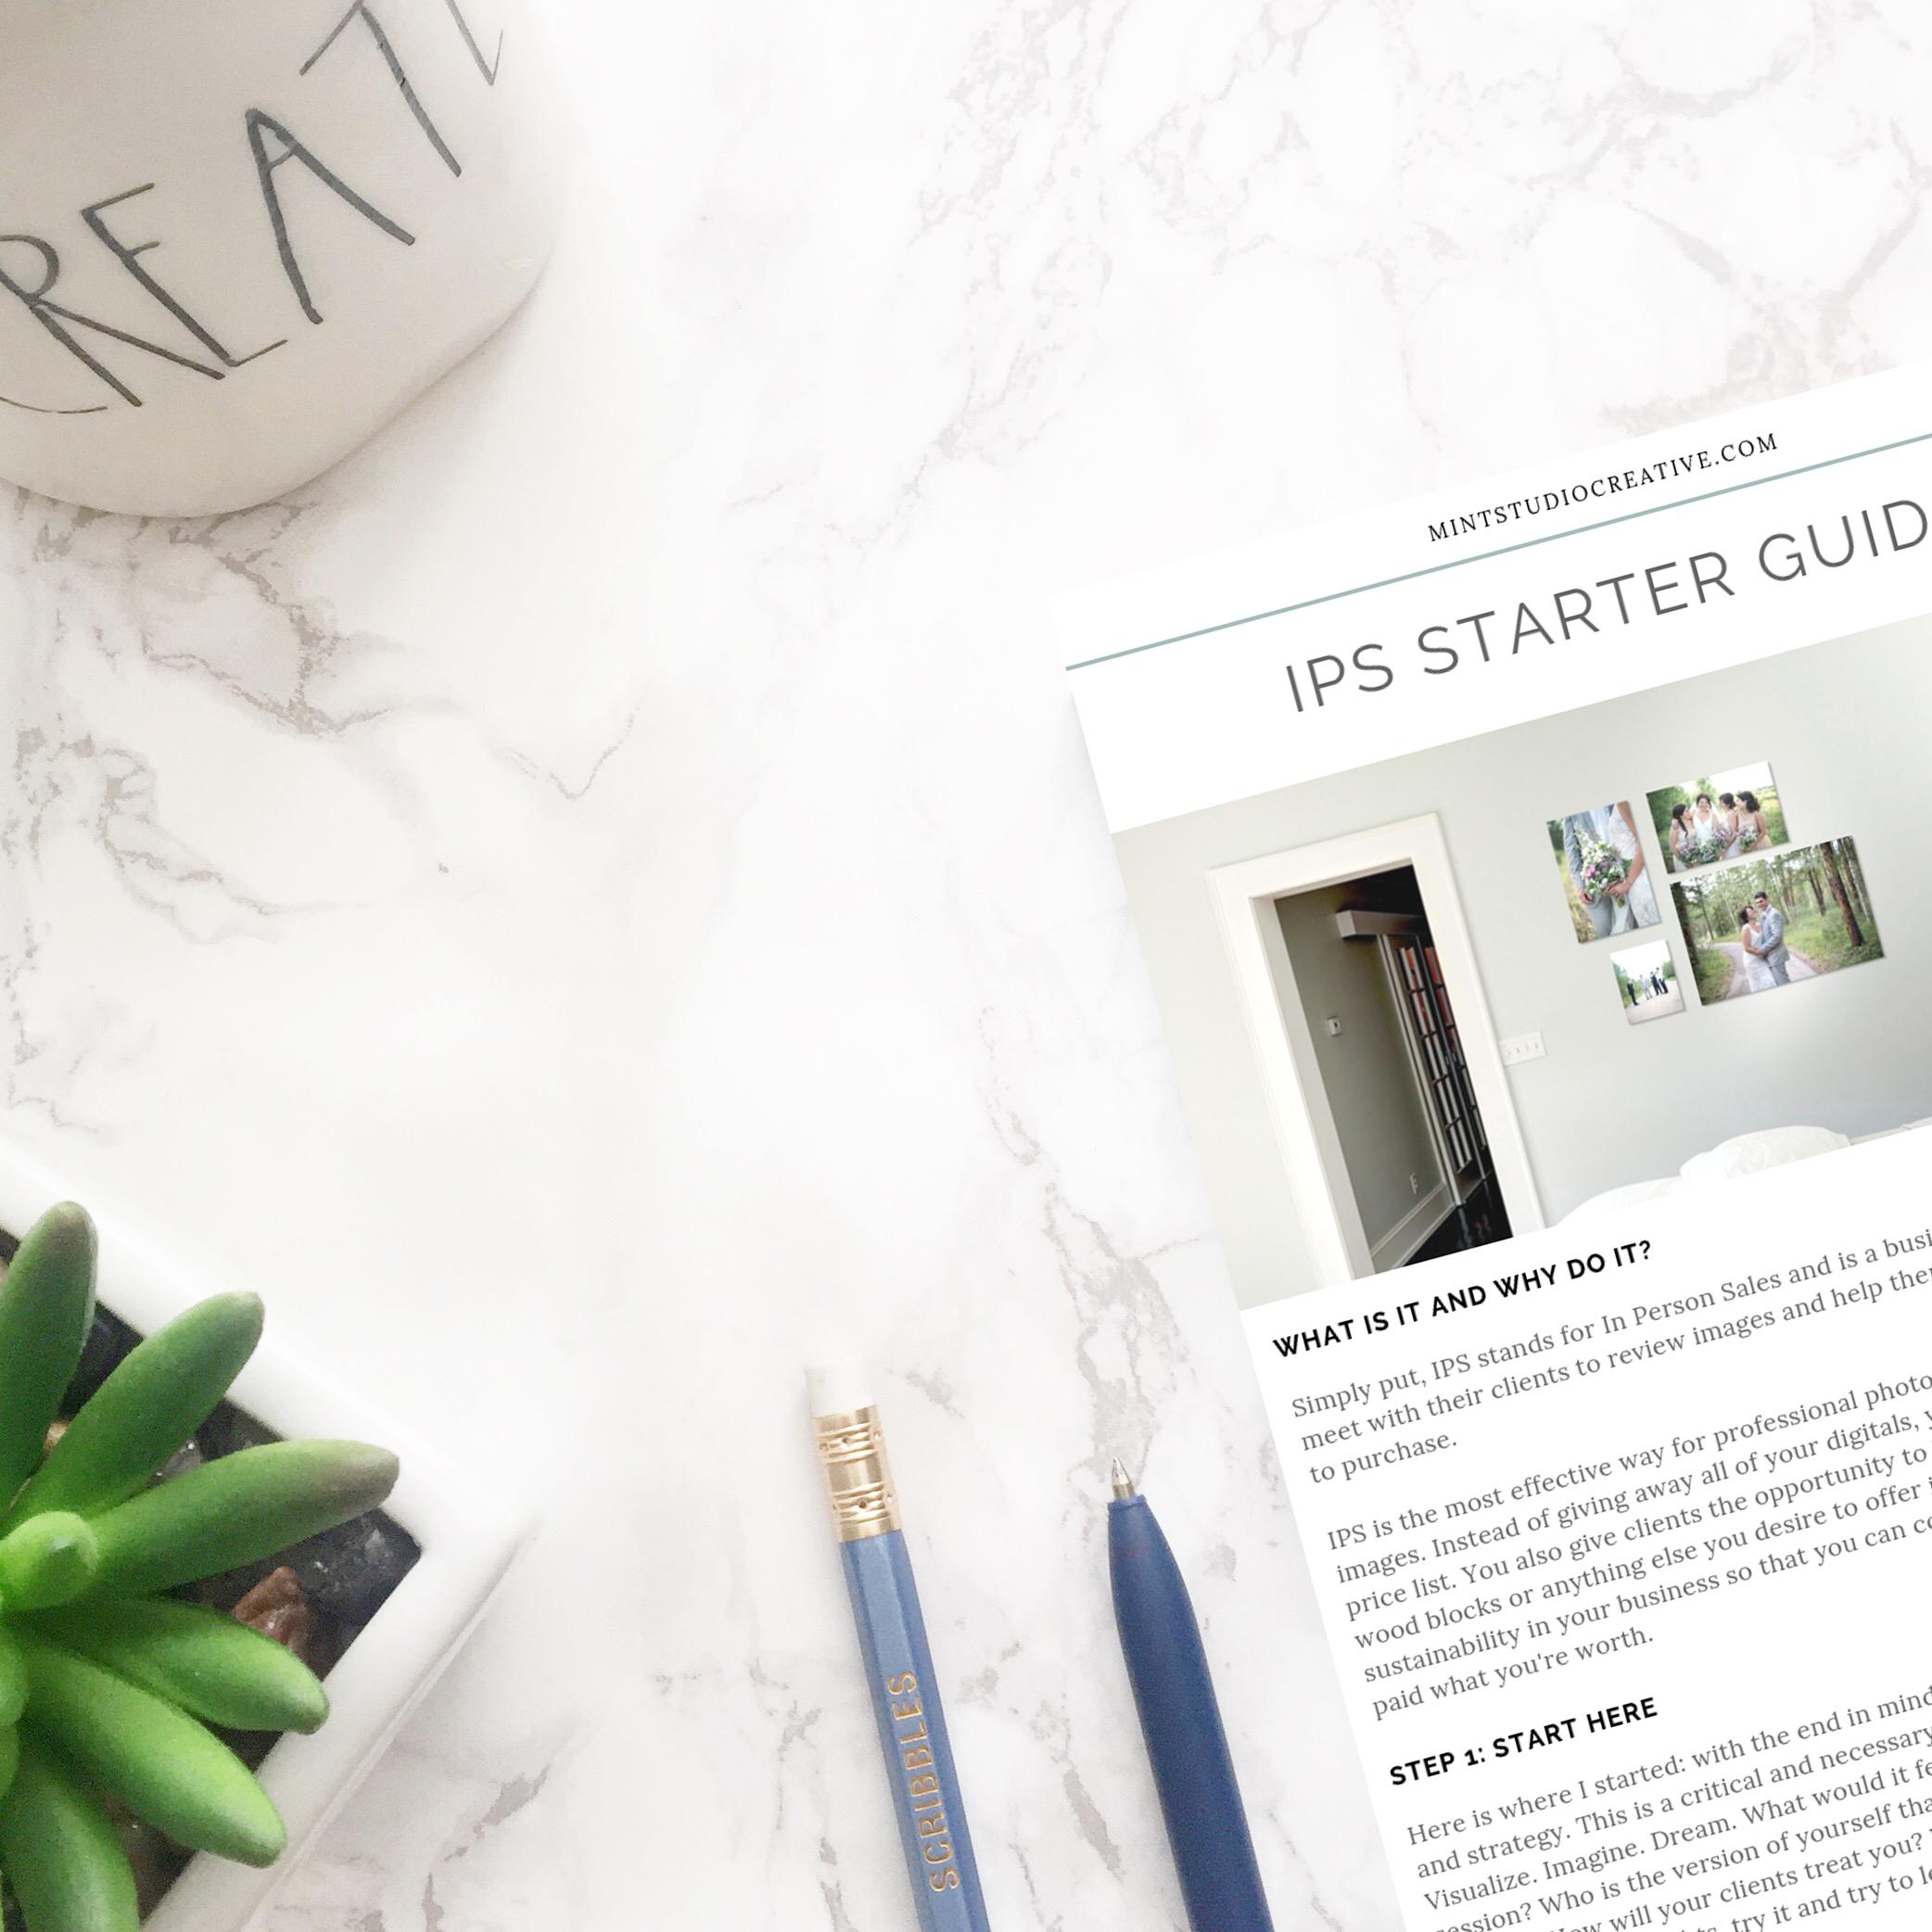 IPS Starter Guide